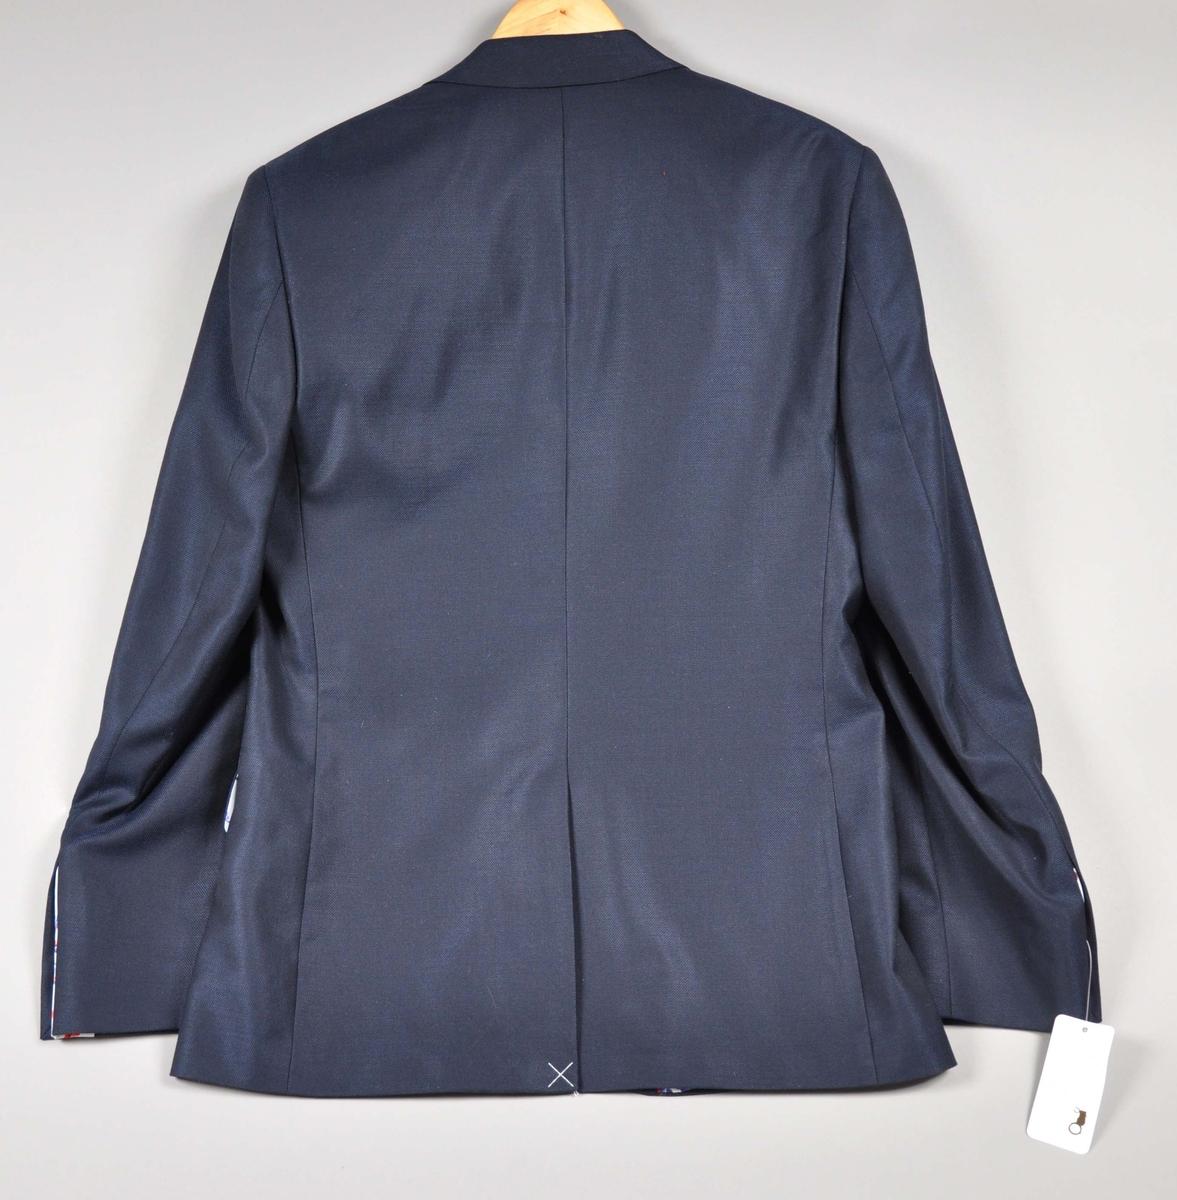 """Mørkeblå dressjakke av ull/silke, foret med samme silkestoff som i damekjolen og tørkleet, et hvitt silkestoff med """"rosemalt"""" mønster. Jakken har fire innerlommer, en med knappelukking. Utvendig to jakkelommer med klaff foret med silkestoffet, en brystlomme med påbrodert """"traktorlogo"""", Mørkeblått kantebånd fra kraven og ned. Lukket med en stor stoffknapp på ermene, fire ganger to mindre stoffknapper i hvitt (2), rødt og blått. På høyre erme brodert:Heia Norge i henholdsvis rødt og hvitt. Str.:48"""